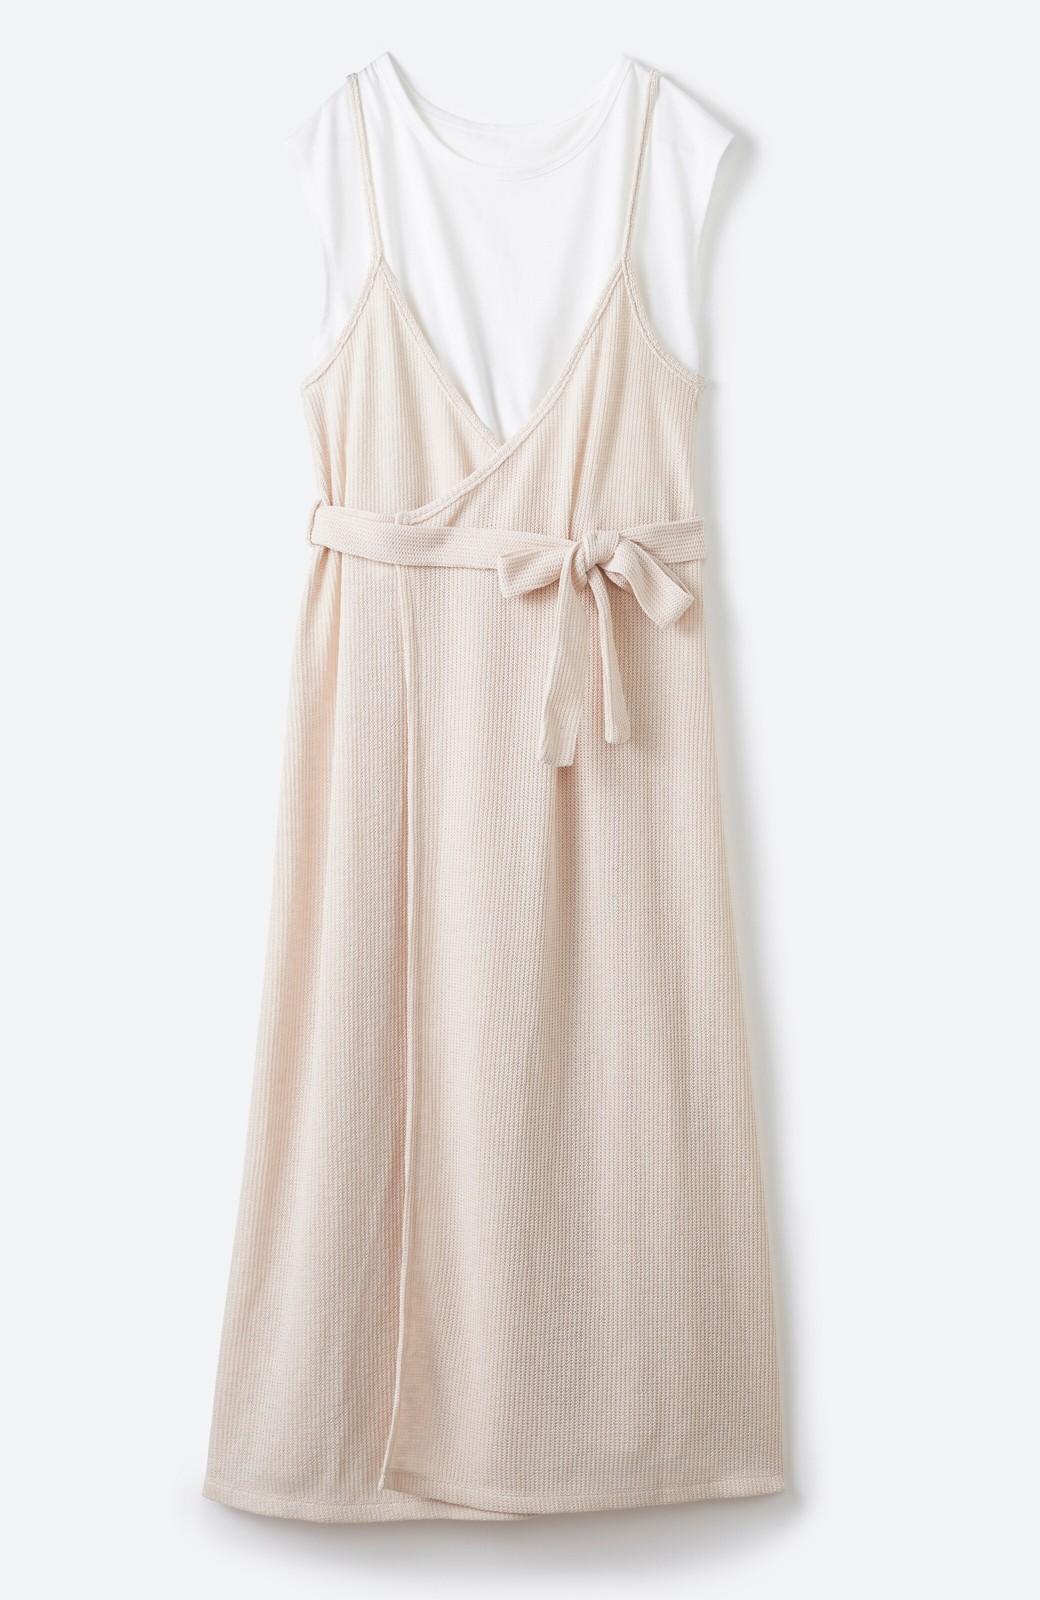 haco! 合わせて着るだけで今っぽかわいい シンプルTシャツ&カシュクールキャミワンピースセット <ライトベージュ>の商品写真18